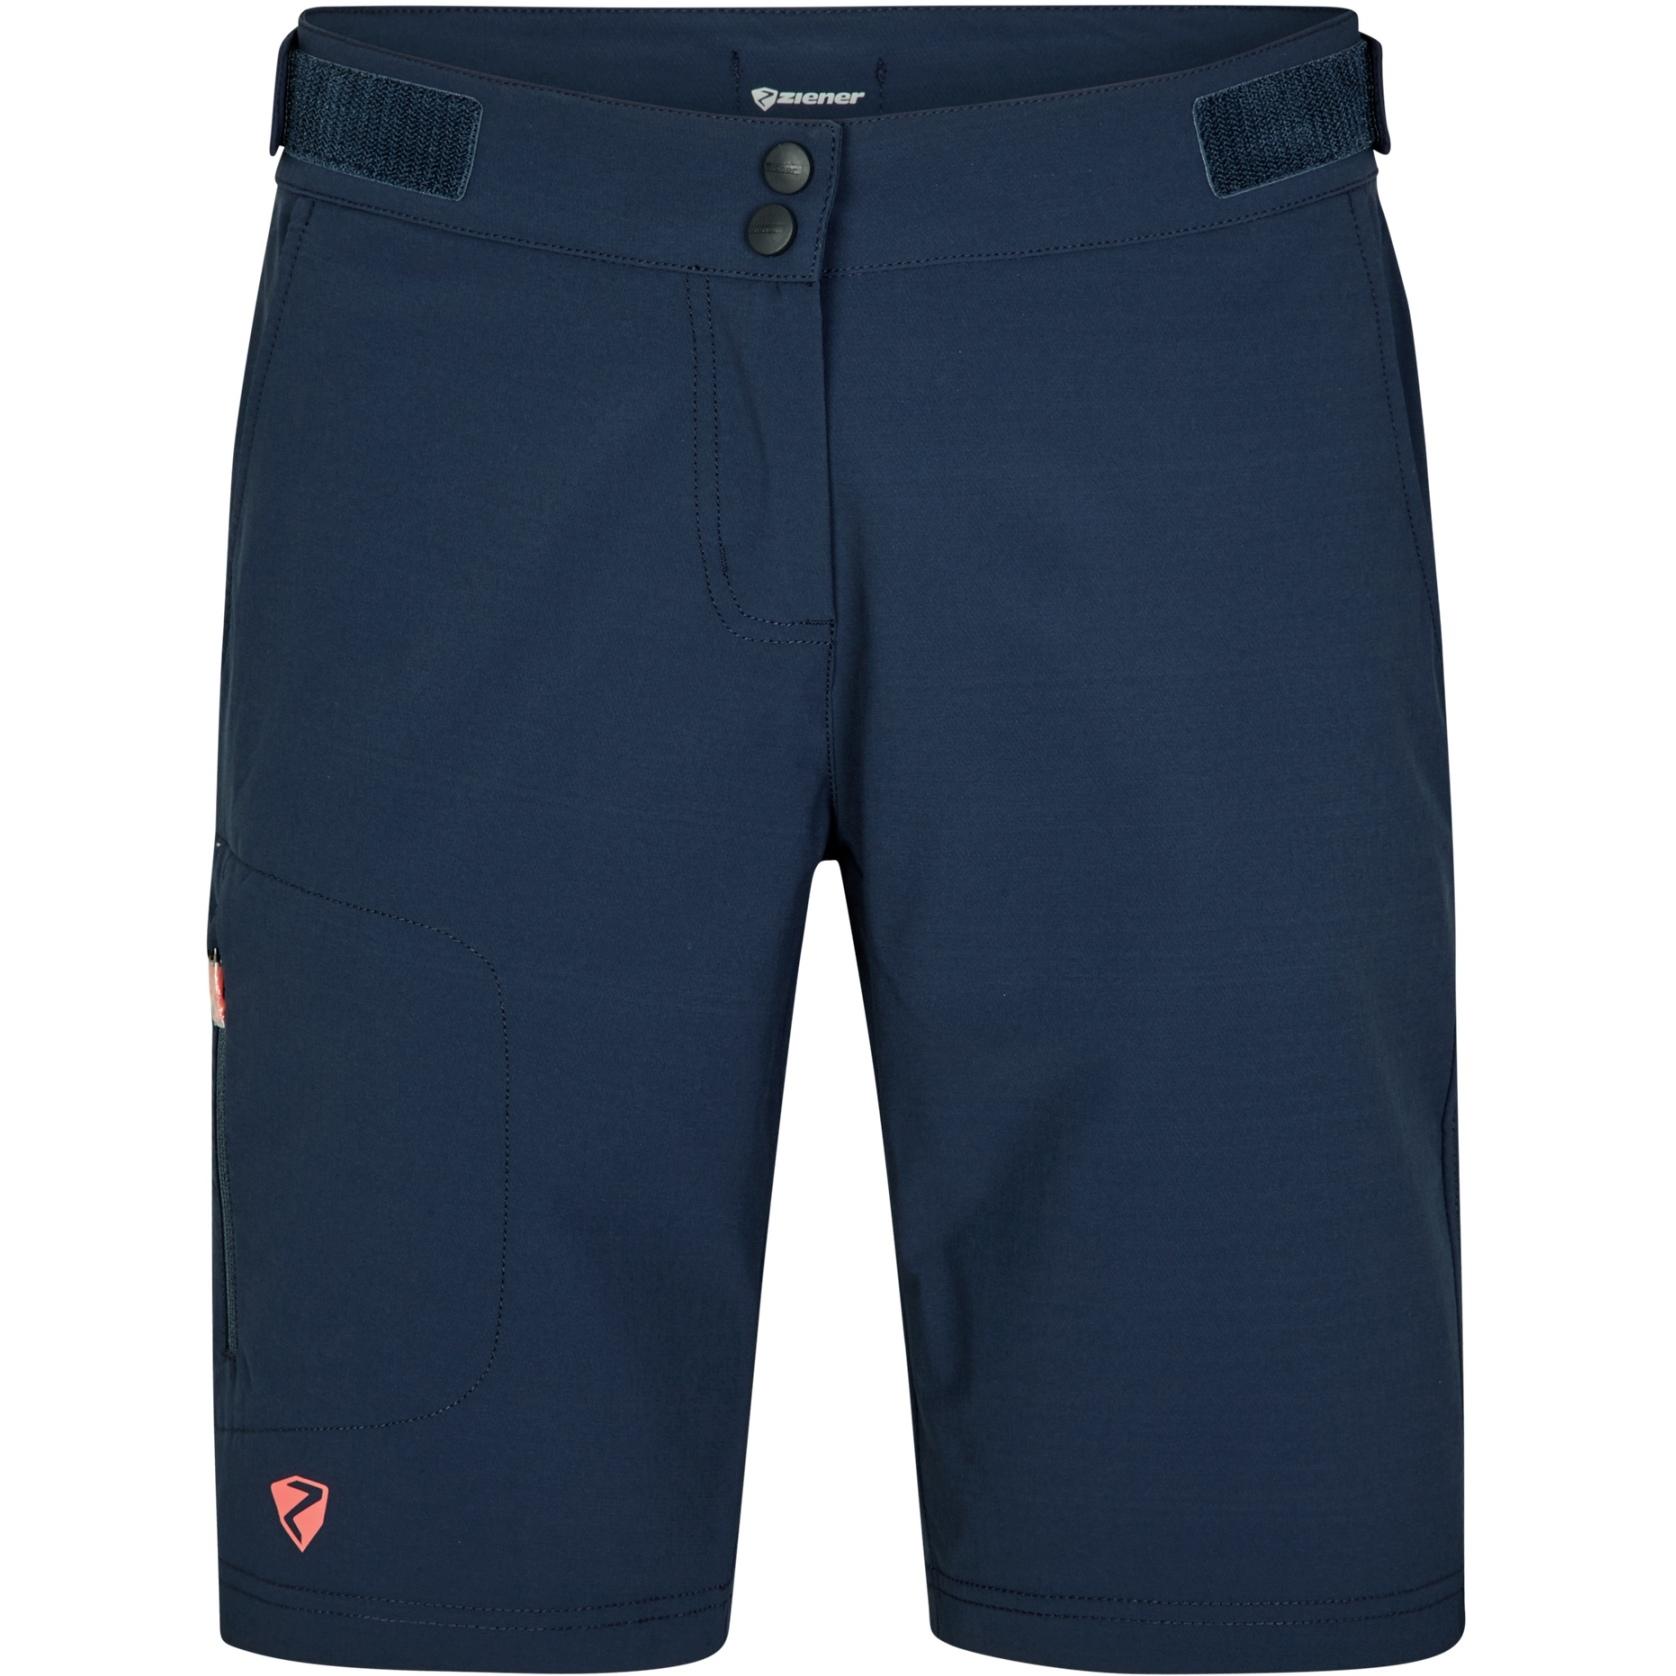 Ziener Nivia X-Function Damen Shorts - dark navy